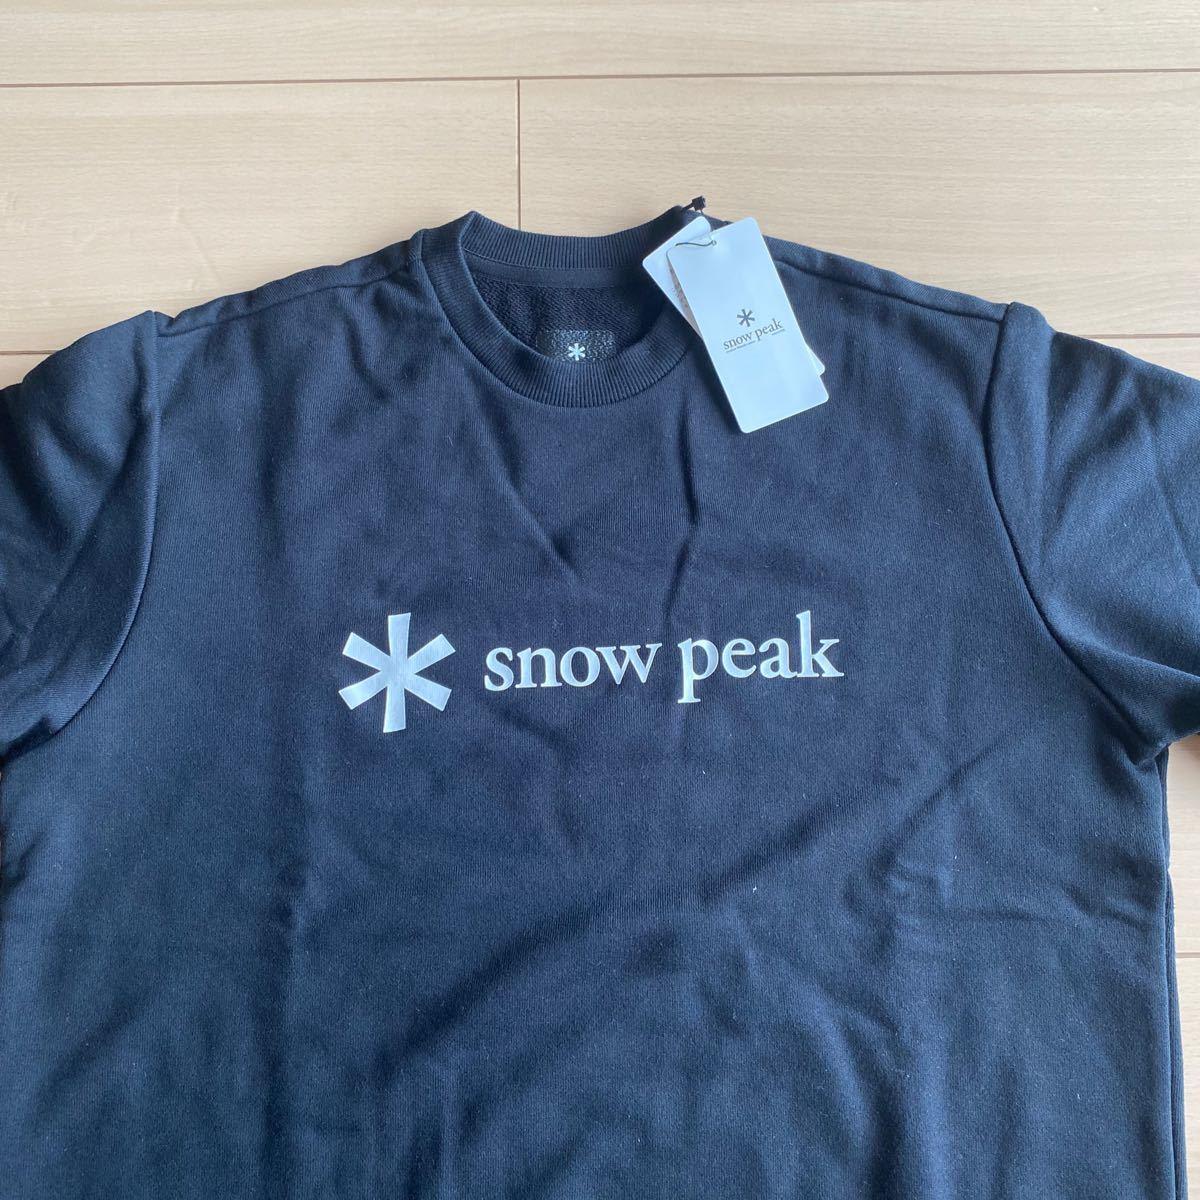 スノーピークストア限定品 snow peak store スウェット  Mサイズ  ブラック